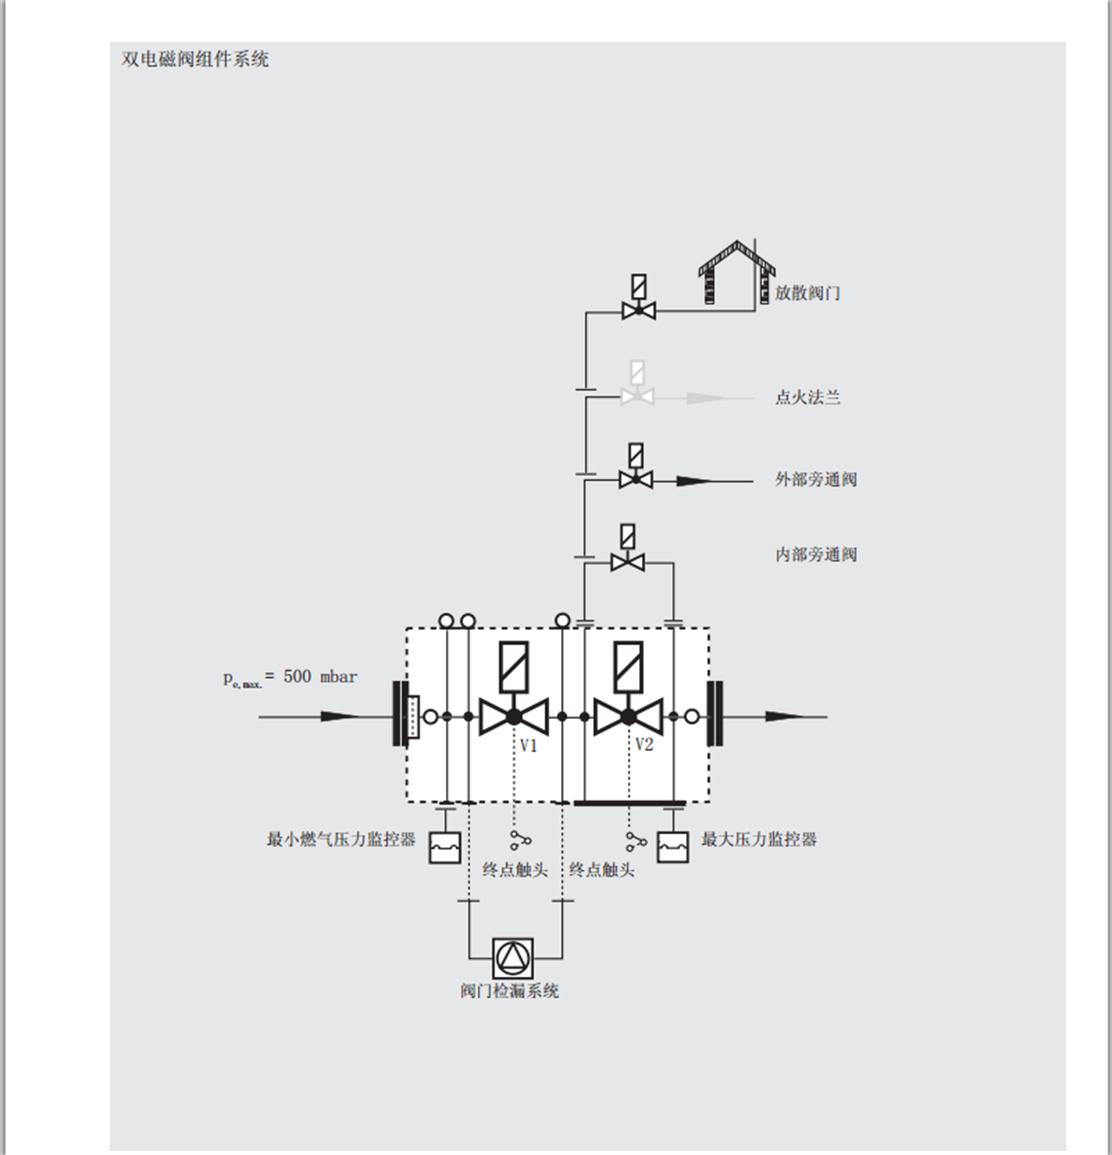 德国--冬斯(dungs)燃气电磁阀dmv5065--5080--5100/11